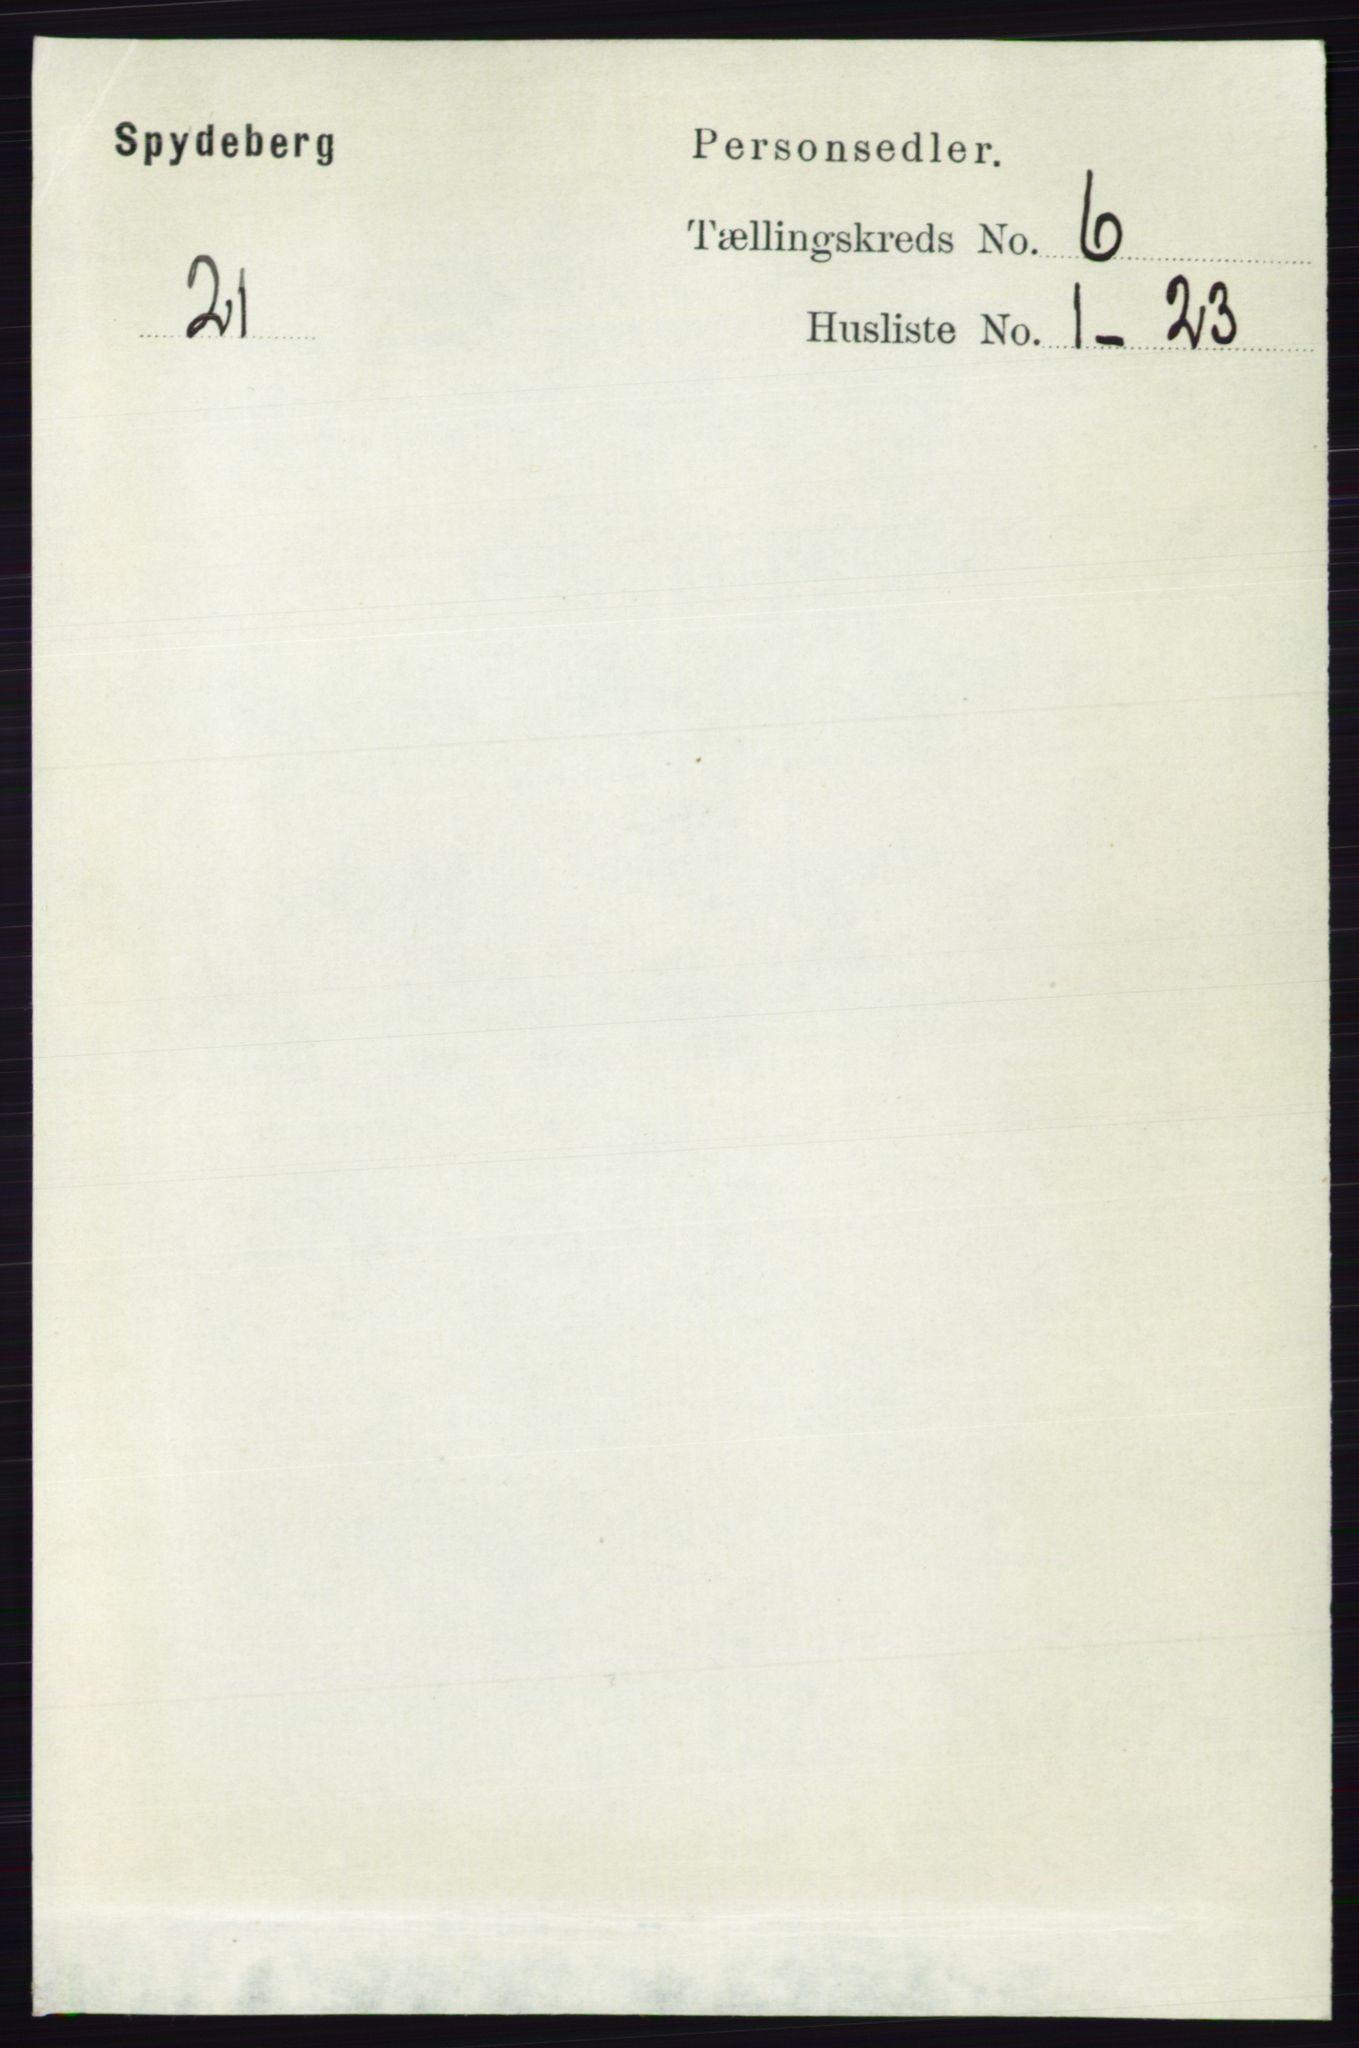 RA, Folketelling 1891 for 0123 Spydeberg herred, 1891, s. 2836